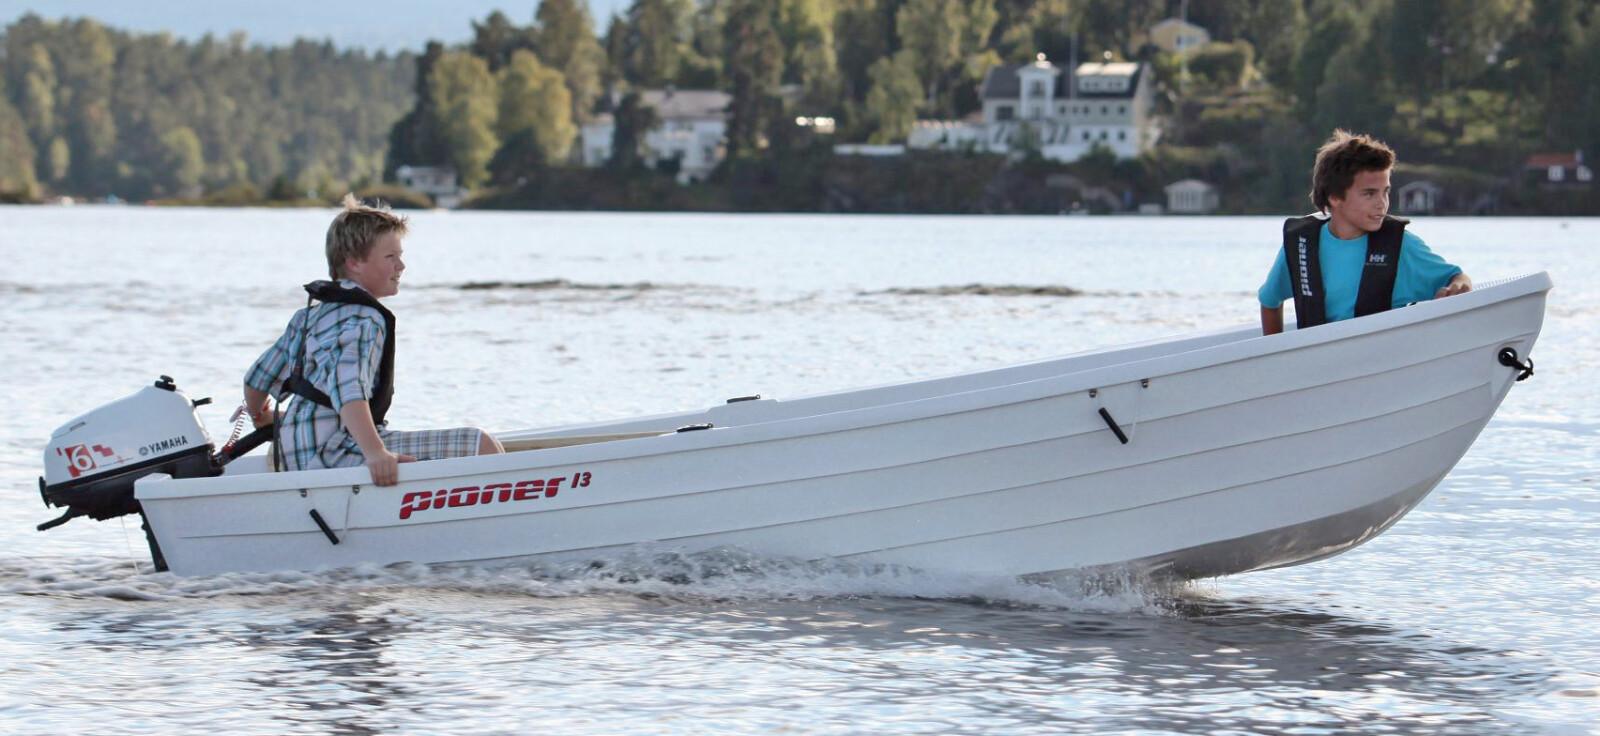 <b>BÅTGLEDEN BEGYNNER HER:</b> En enkel landstedsbåt med liten motor er et fint sted å starte.